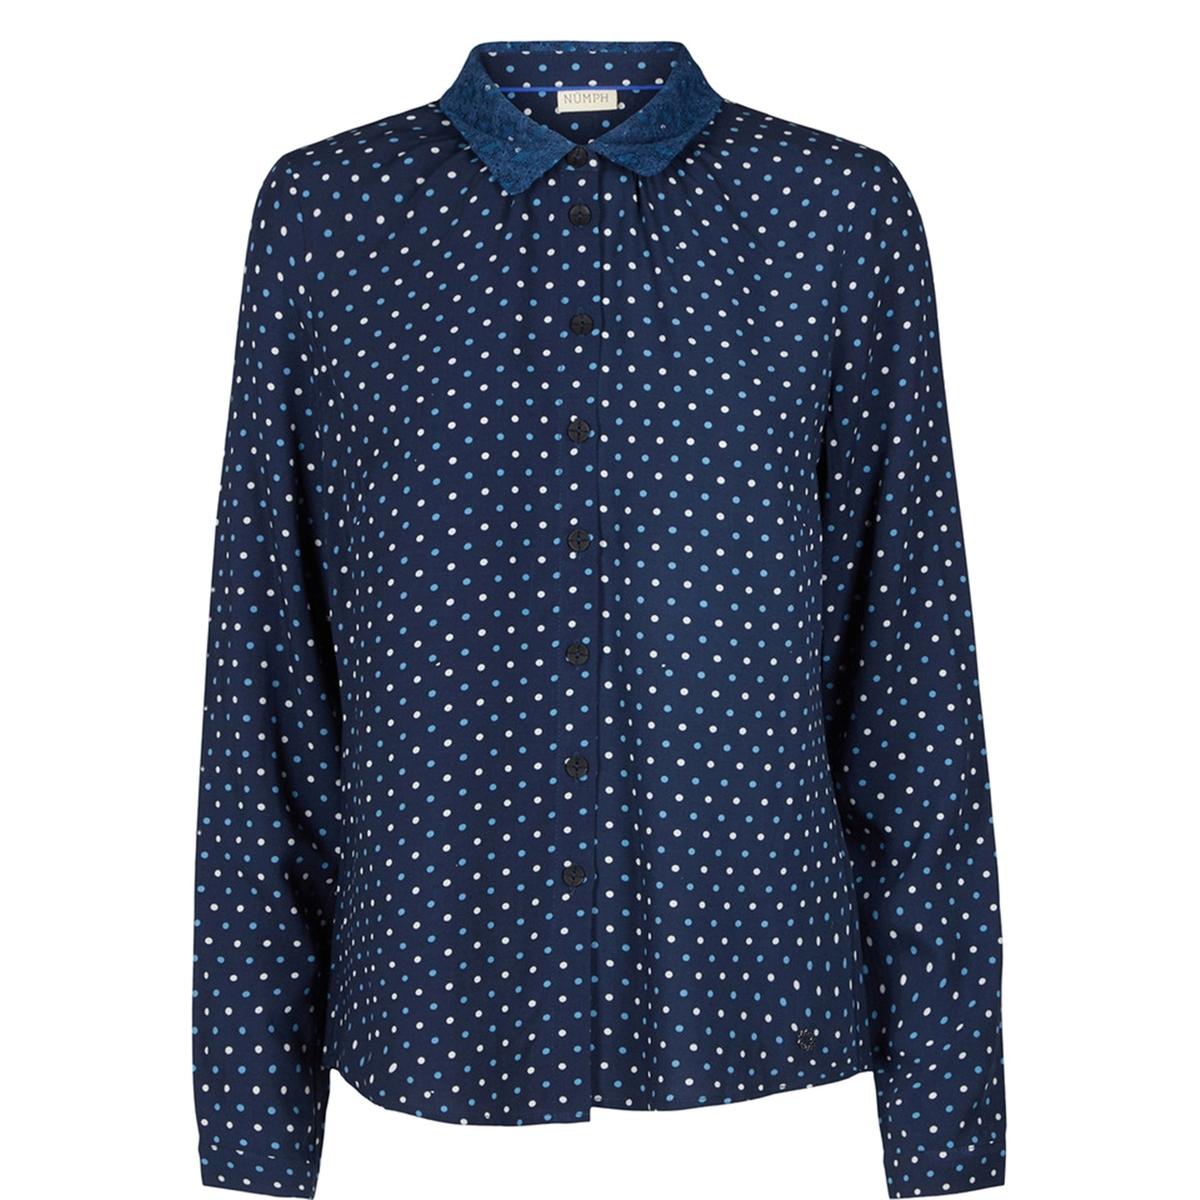 Рубашка в горошек MaricaСостав и описаниеМатериал : 100% вискозаМарка : N?mphМодель : MaricaУходСледуйте рекомендациям по уходу, указанным на этикетке изделия<br><br>Цвет: в горошек/темно-синий<br>Размер: 36 (FR) - 42 (RUS)